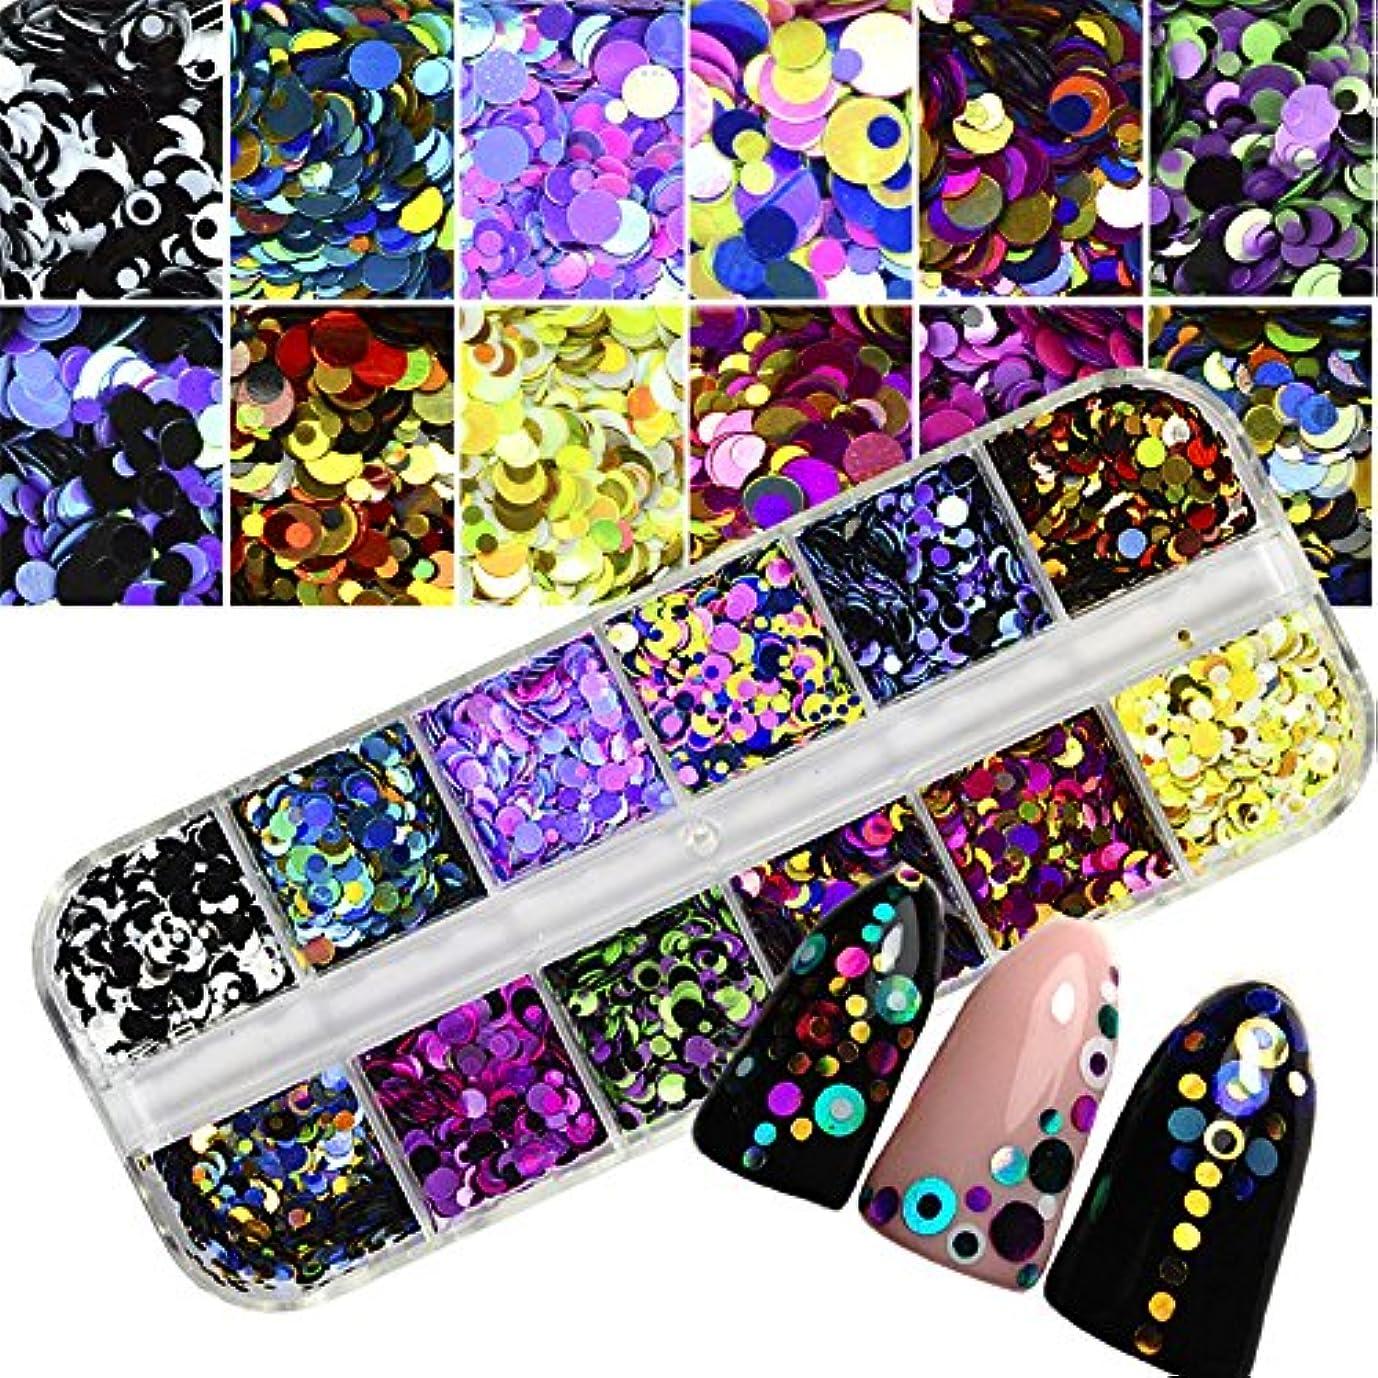 他の場所口ひげ腸1 Set Dazzling Round Nail Glitter Sequins Dust Mixed 12 Grids 1/2/3mm DIY Charm Polish Flakes Decorations Manicure...